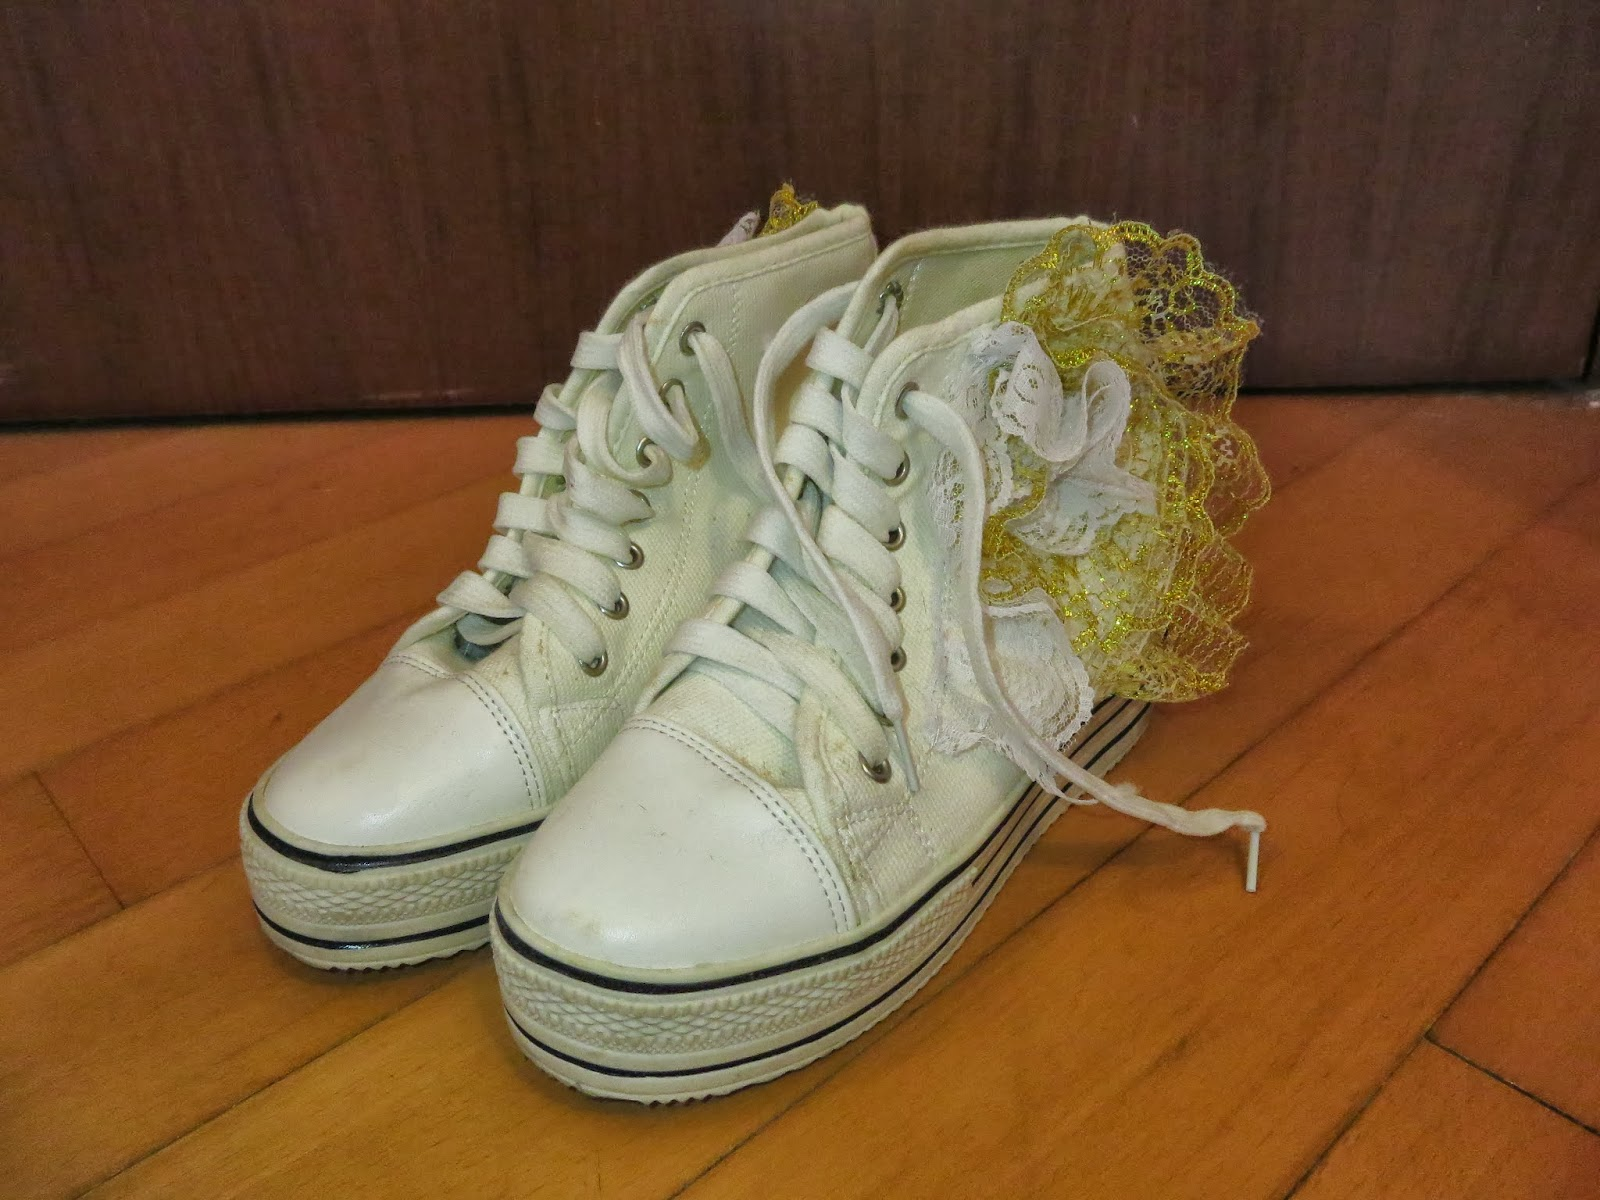 色花边装饰球鞋